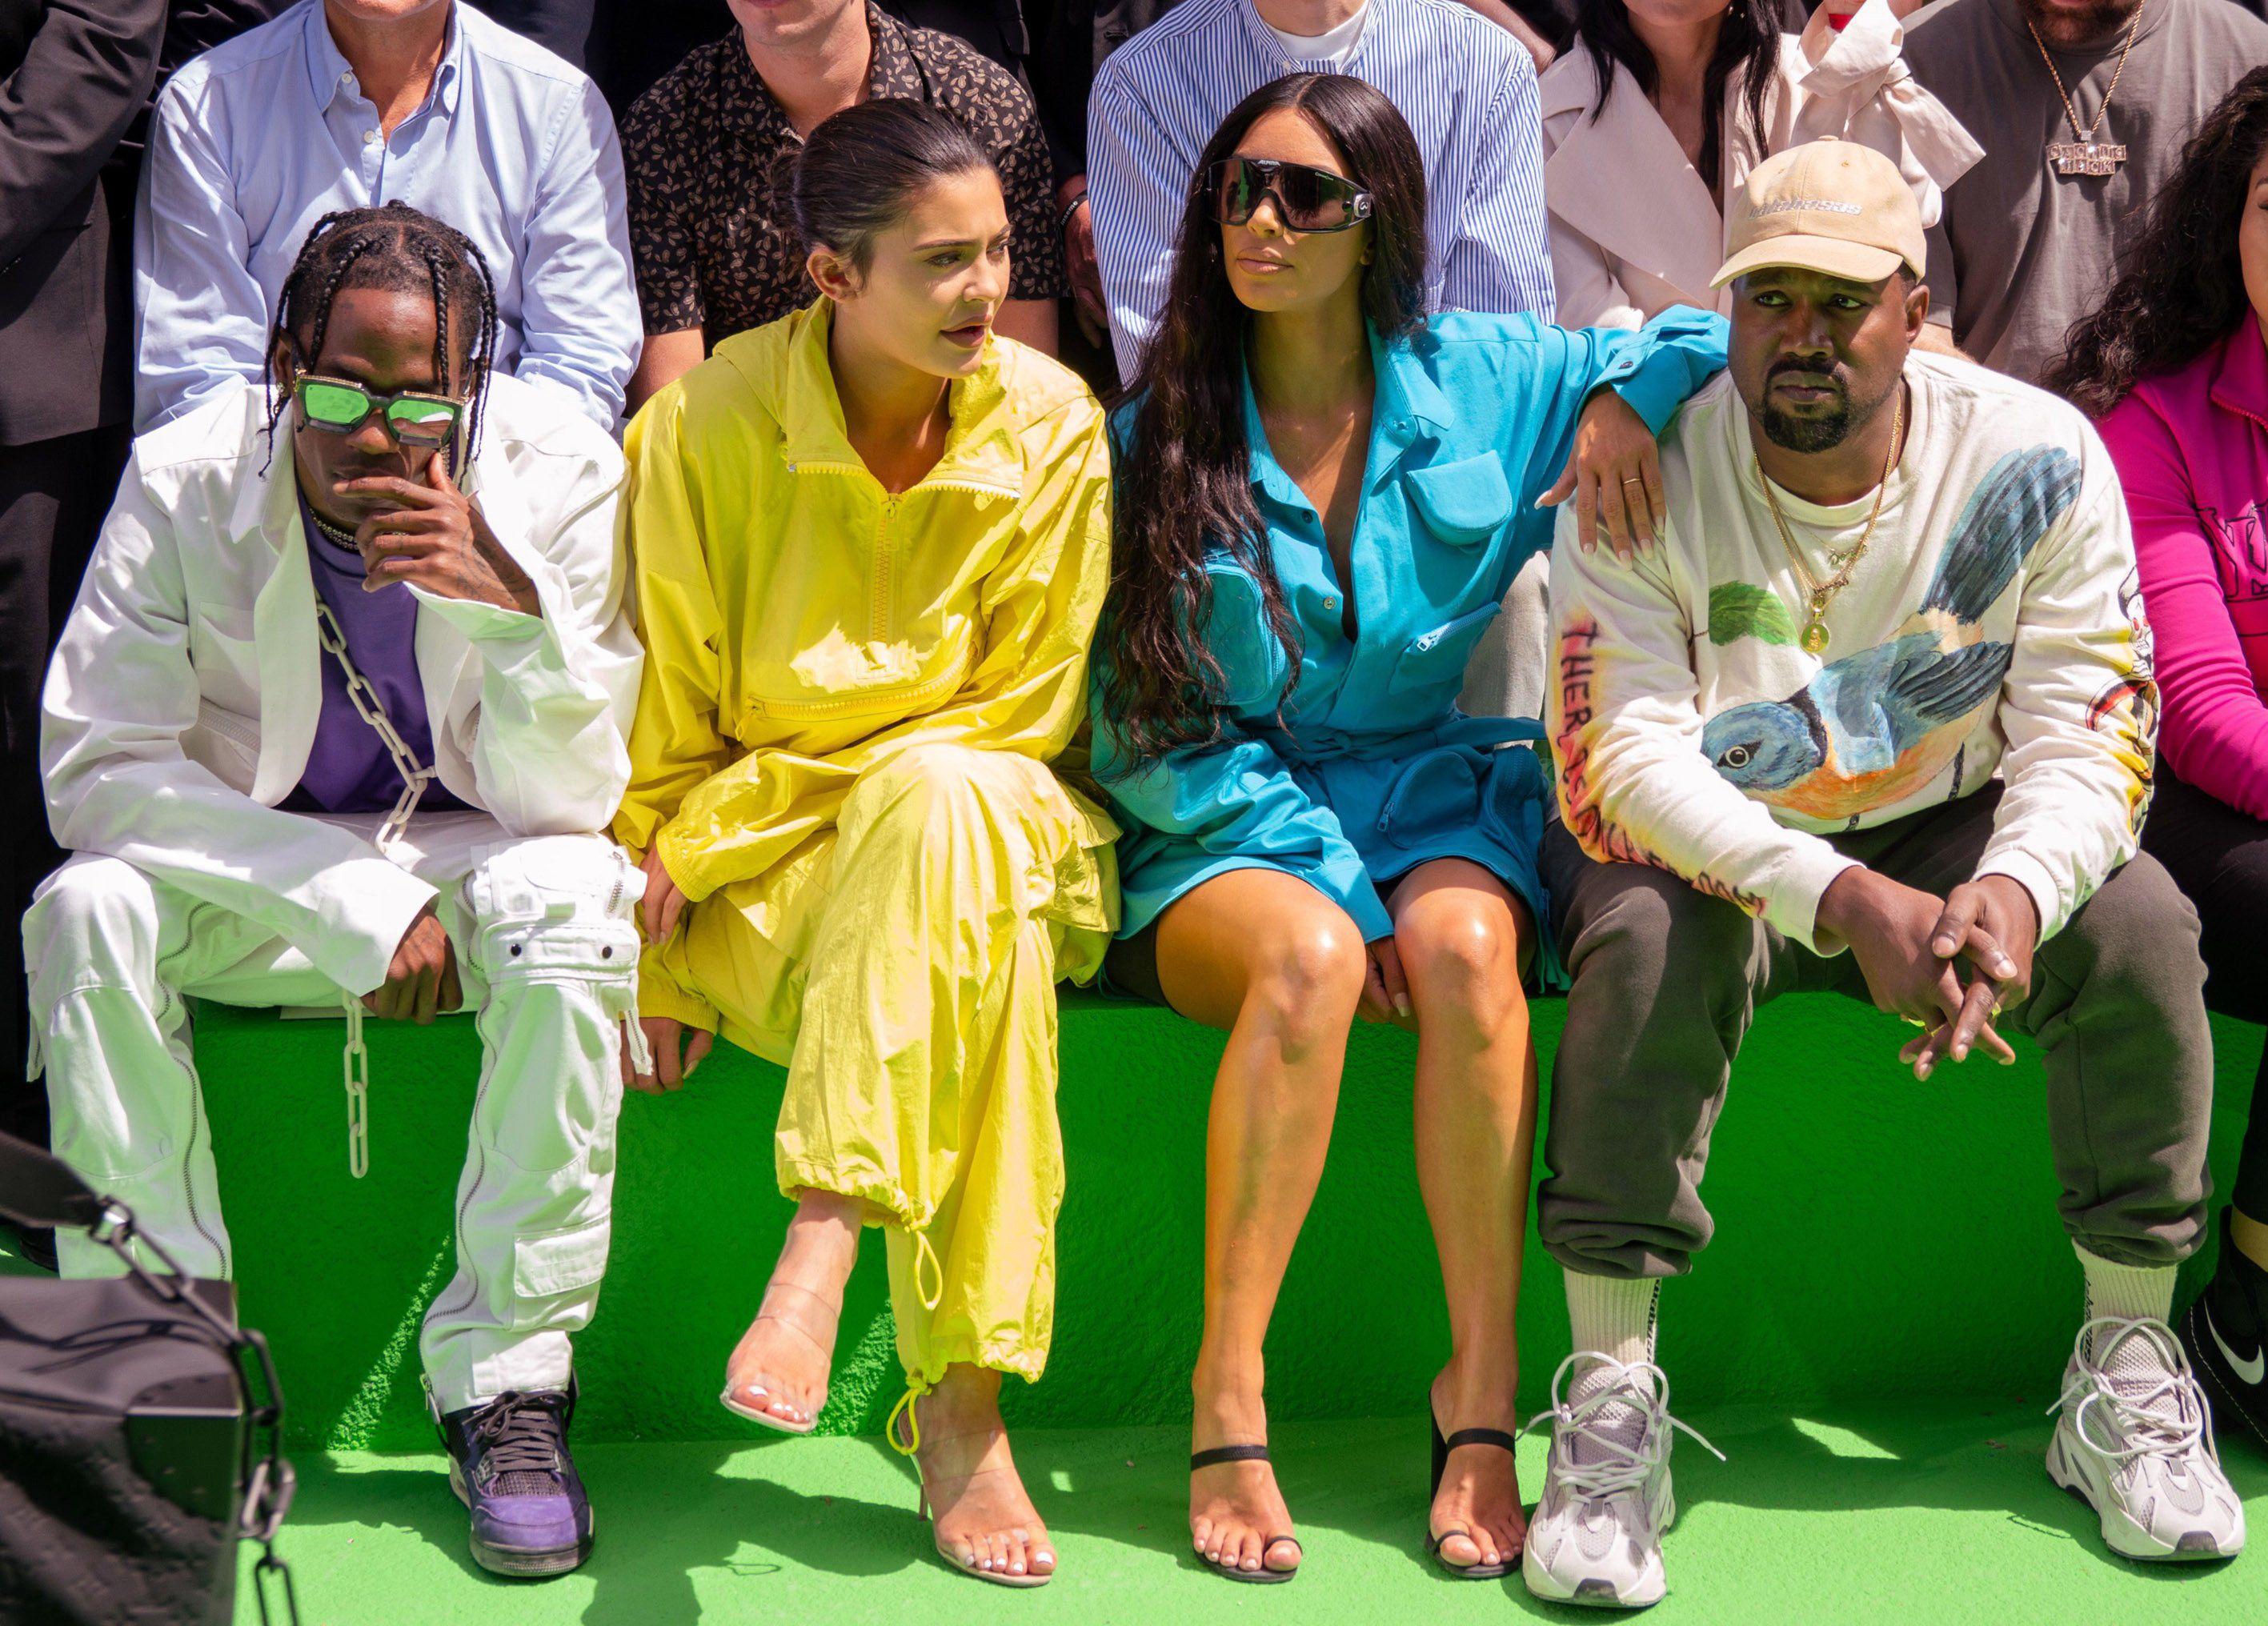 Трэвис Скотт, Кайли Дженнер, Ким Кардашьян и Канье Уэст в Париже в июле. Интервью Трэвиса Скотта для Rolling Stone